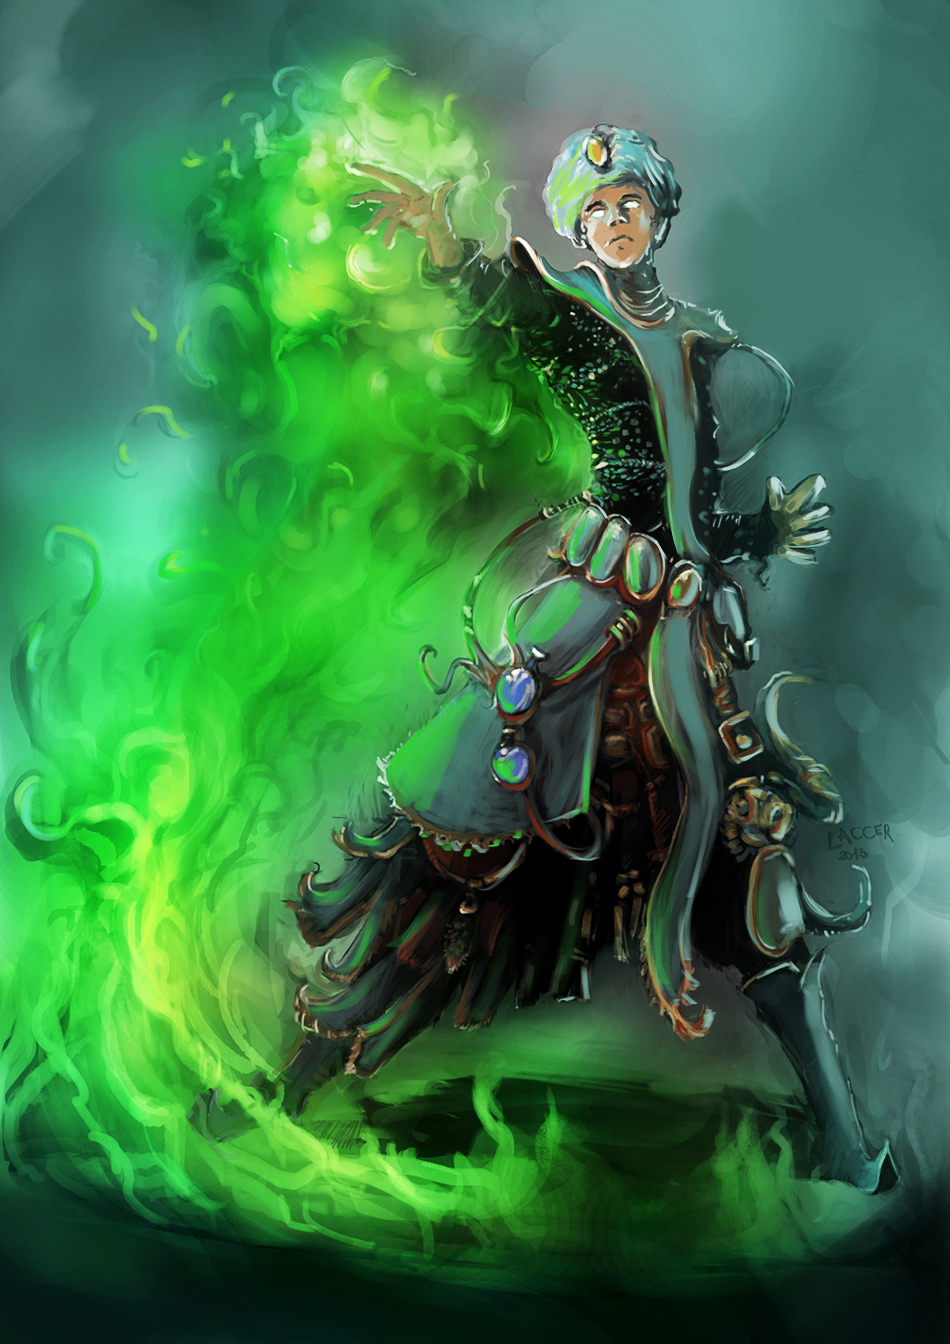 Green Mage paizo.com - For...